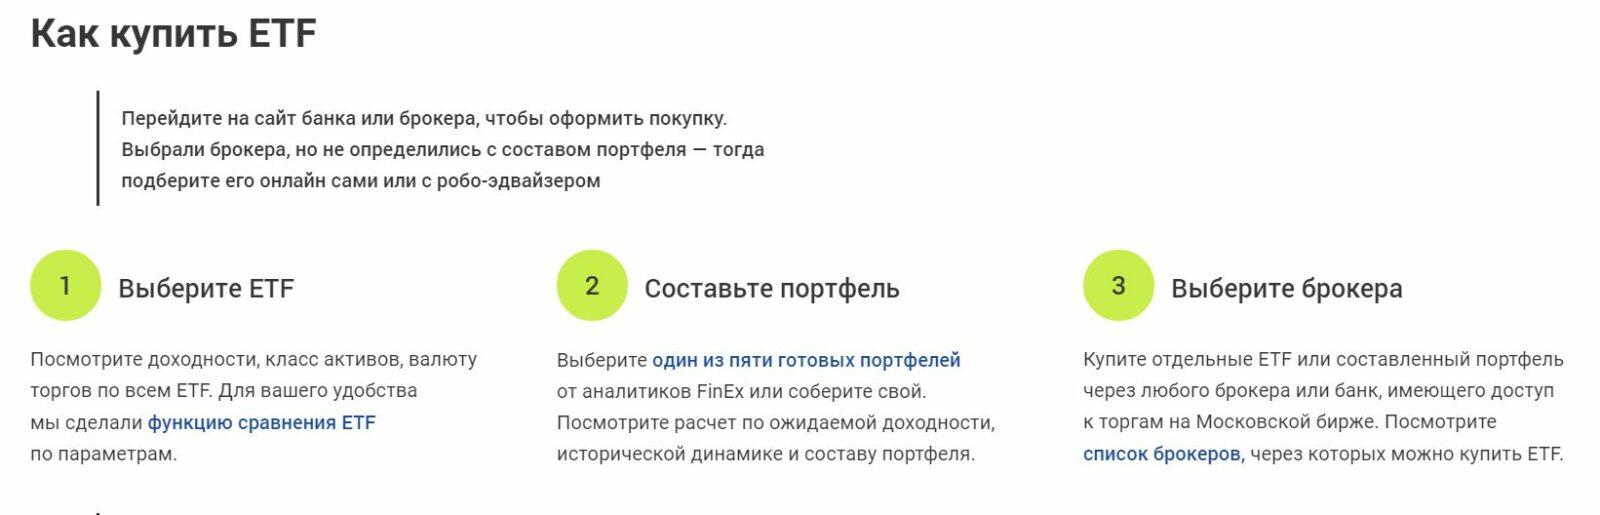 Алгоритм покупки Официальный сайт провайдера ETF